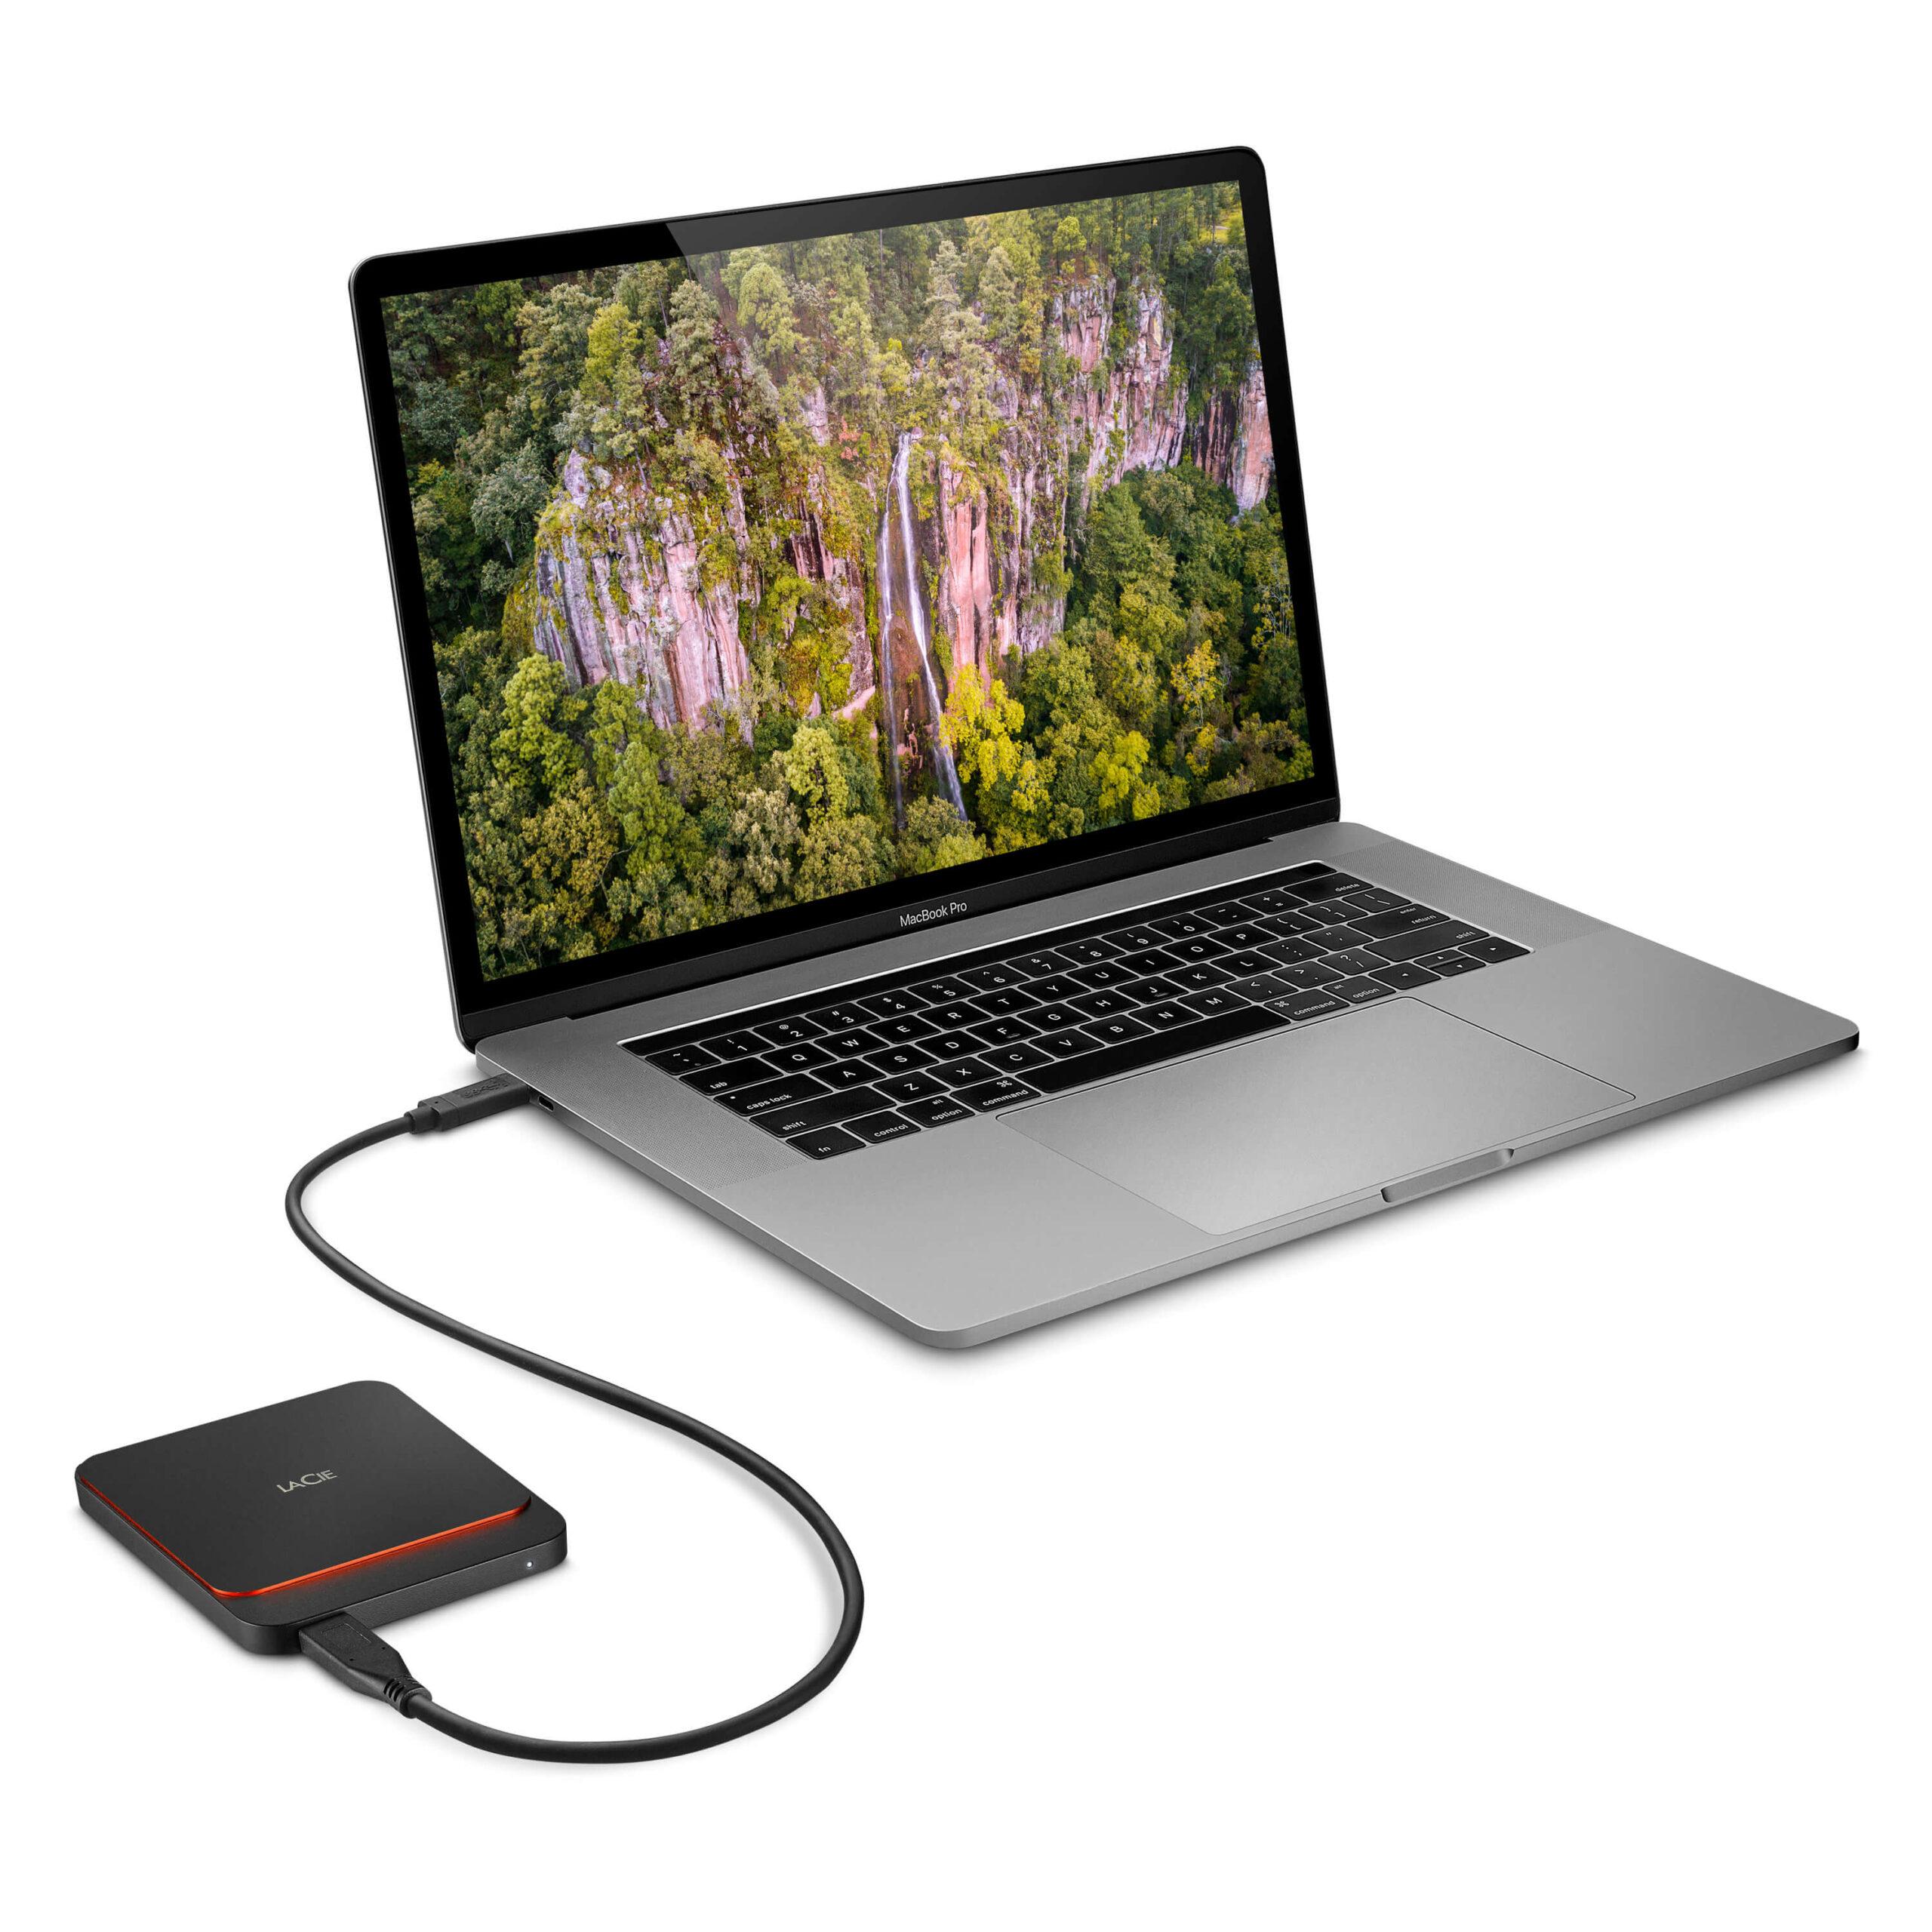 כונן גיבוי חיצוני קטן מהיר ומקצועי Lacie Portable SSD USB-C